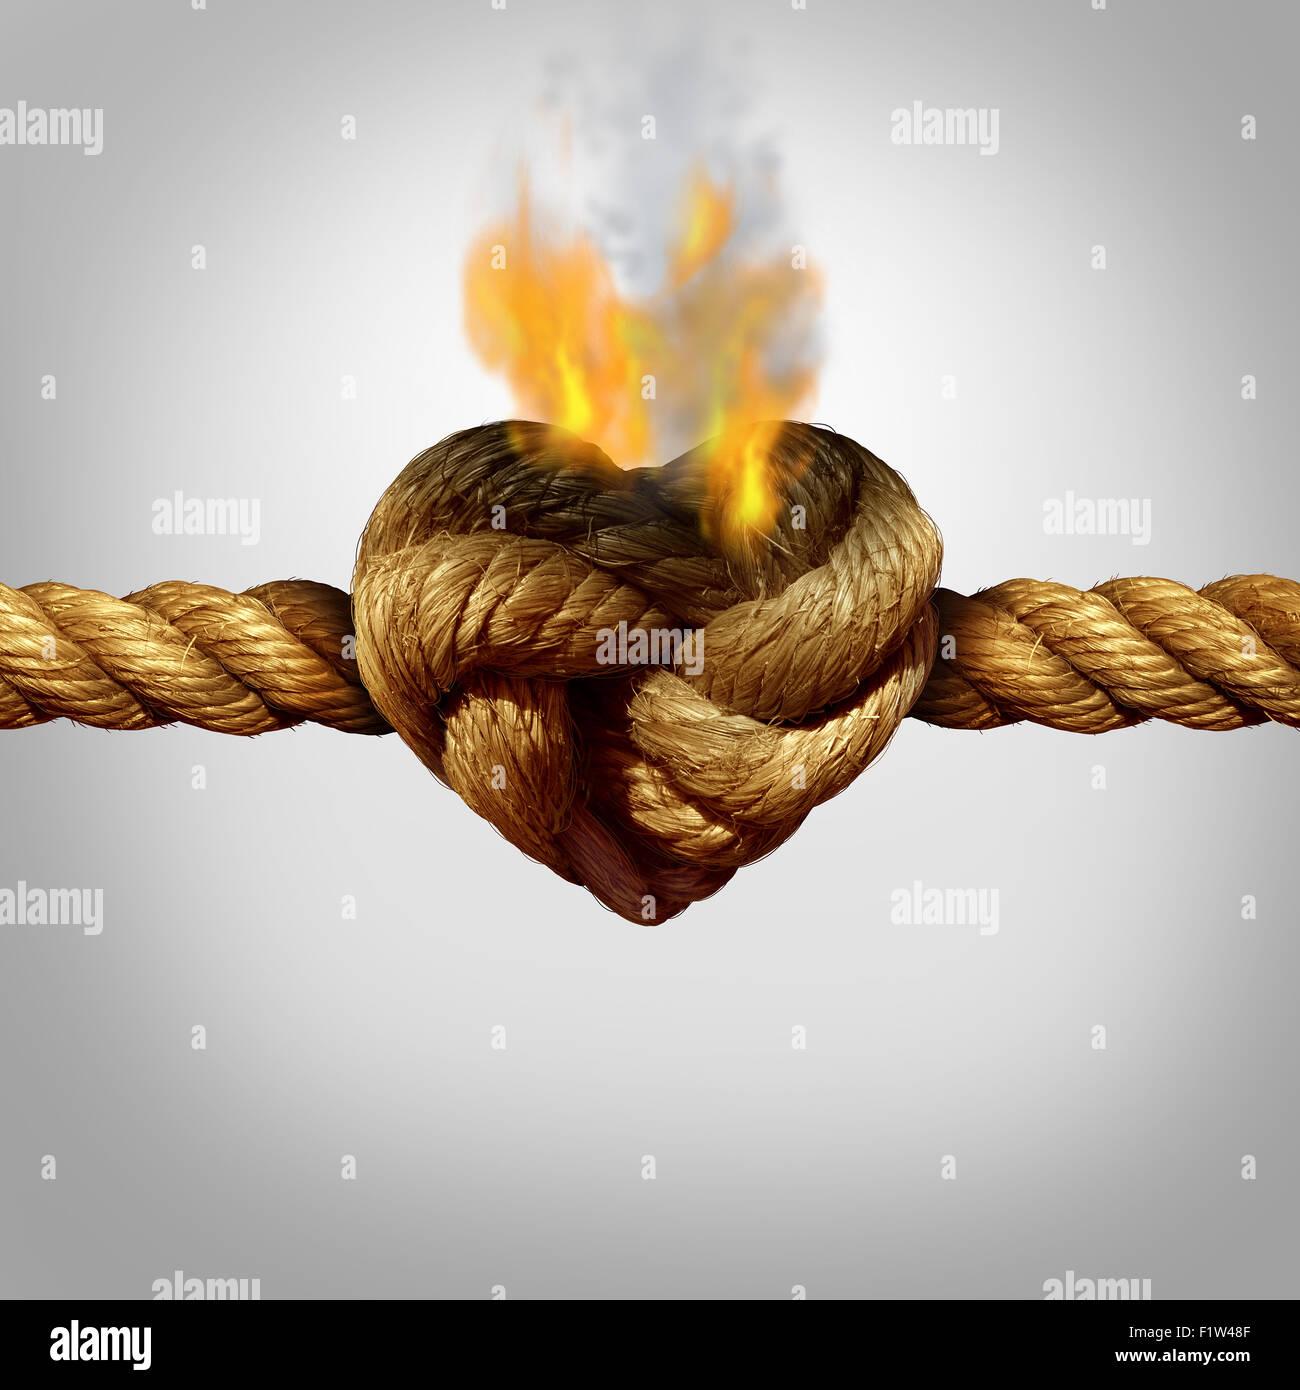 Concepto de divorcio y separación como una cuerda con un nudo formado como un ardiente amor el corazón Imagen De Stock